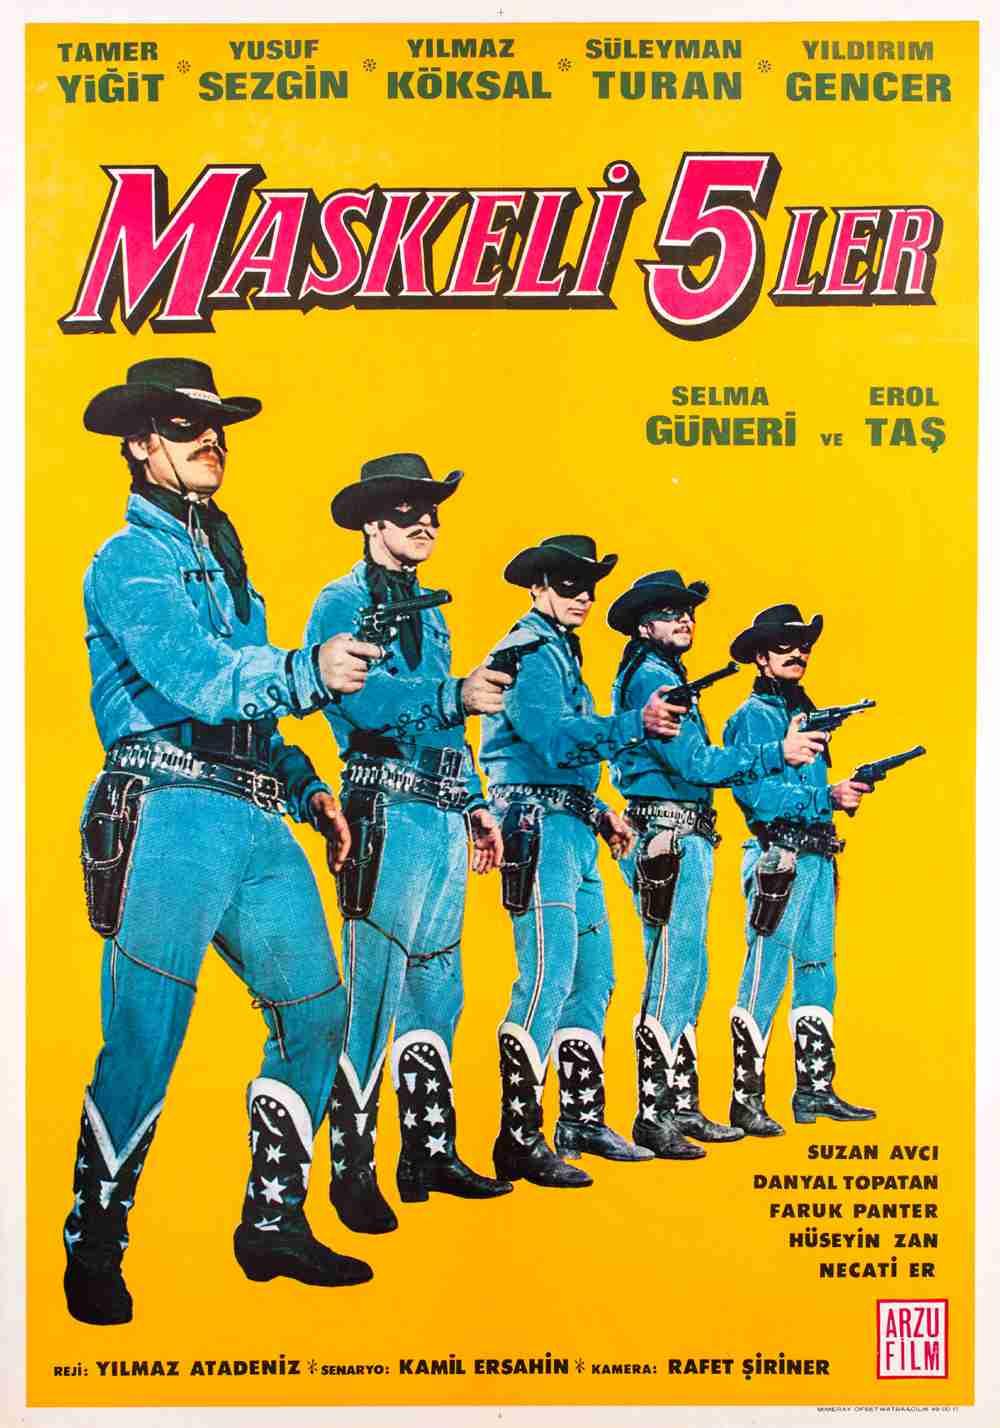 maskeli_5ler_1968